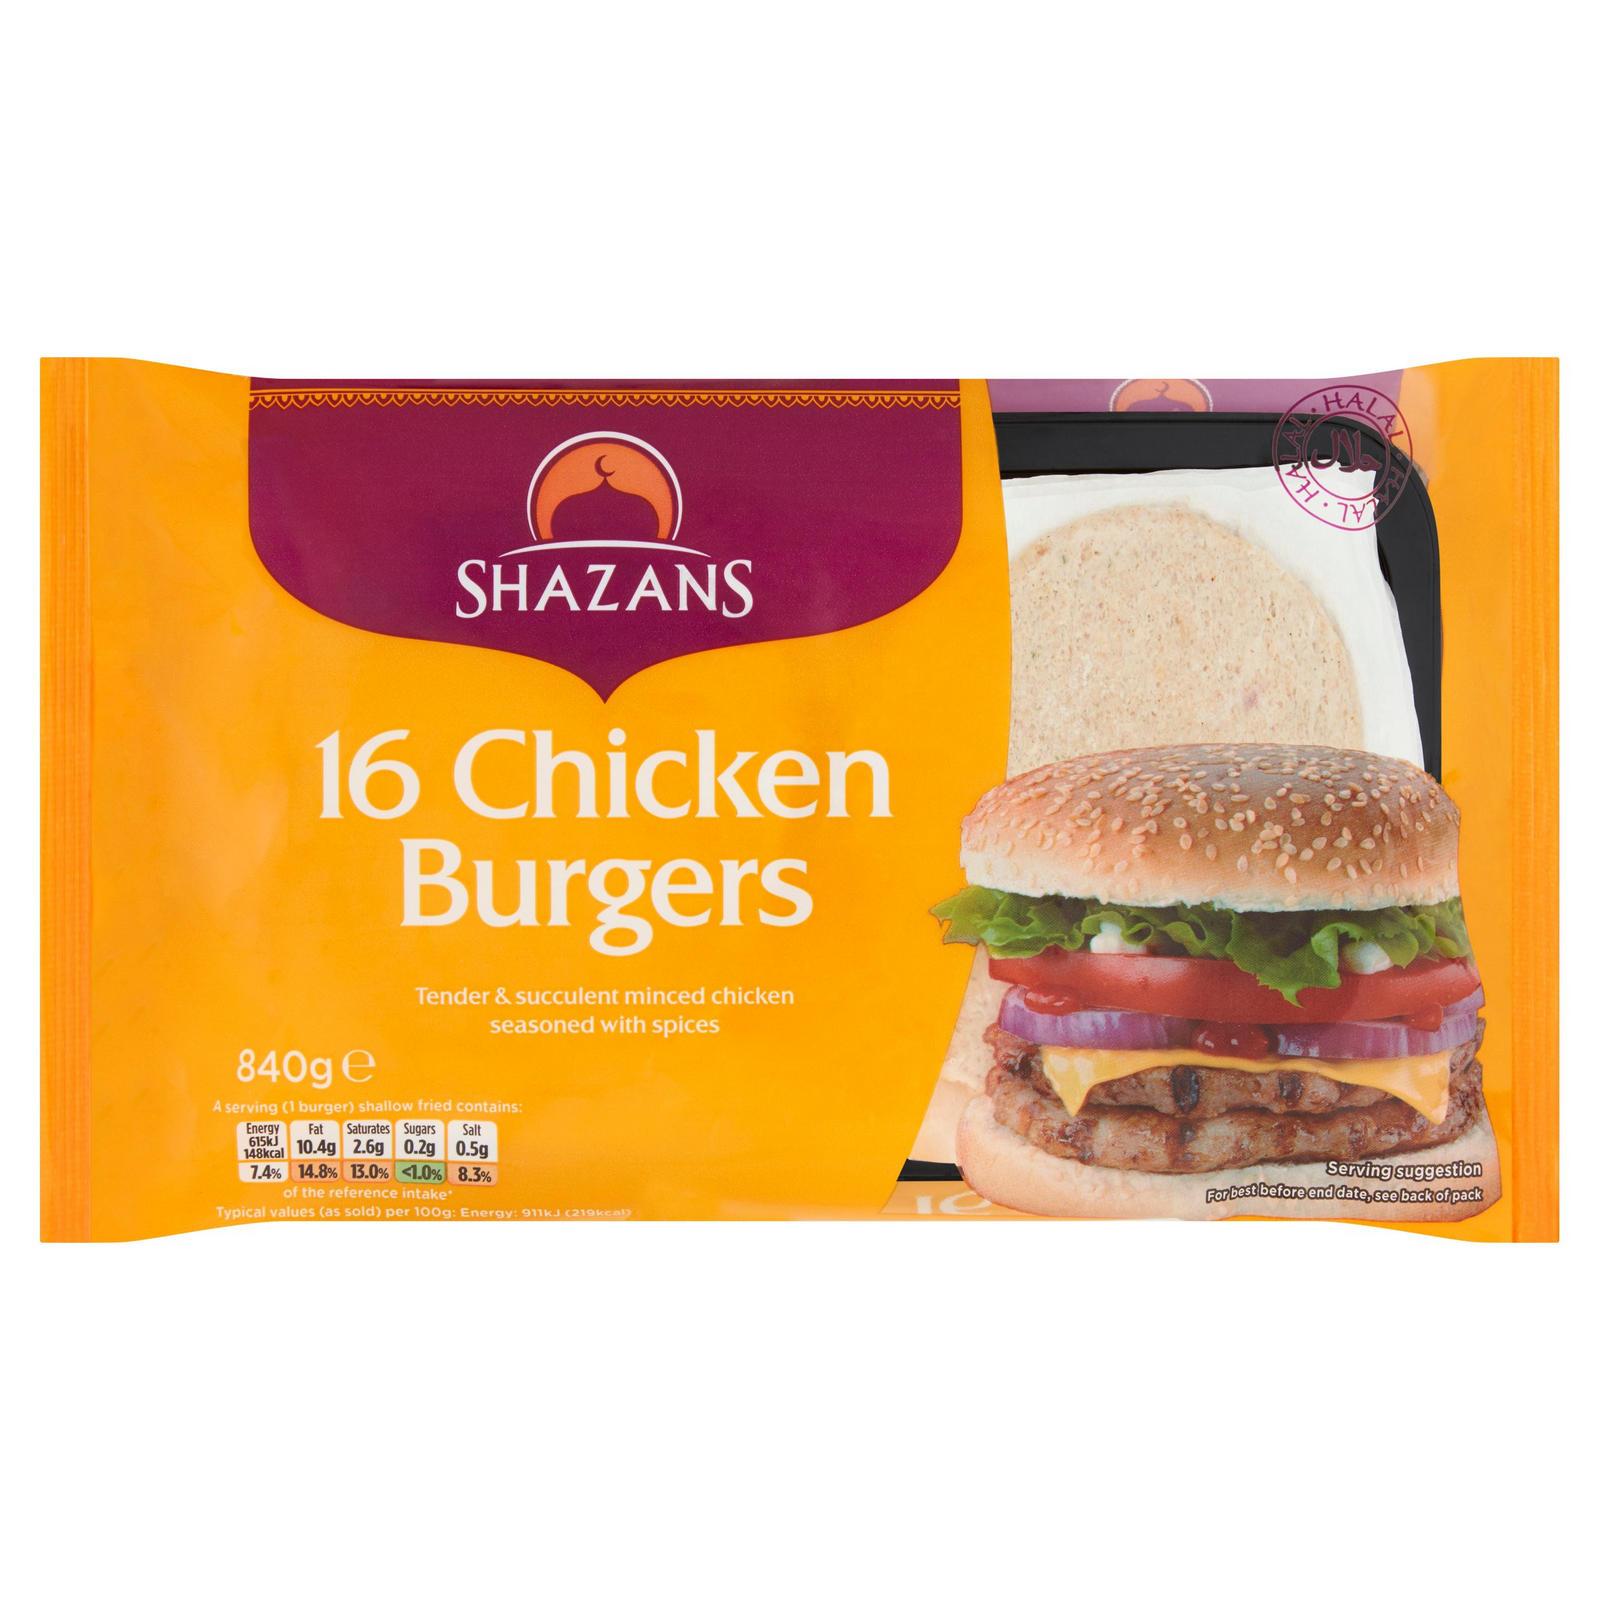 Shazans 16 Chicken Burgers